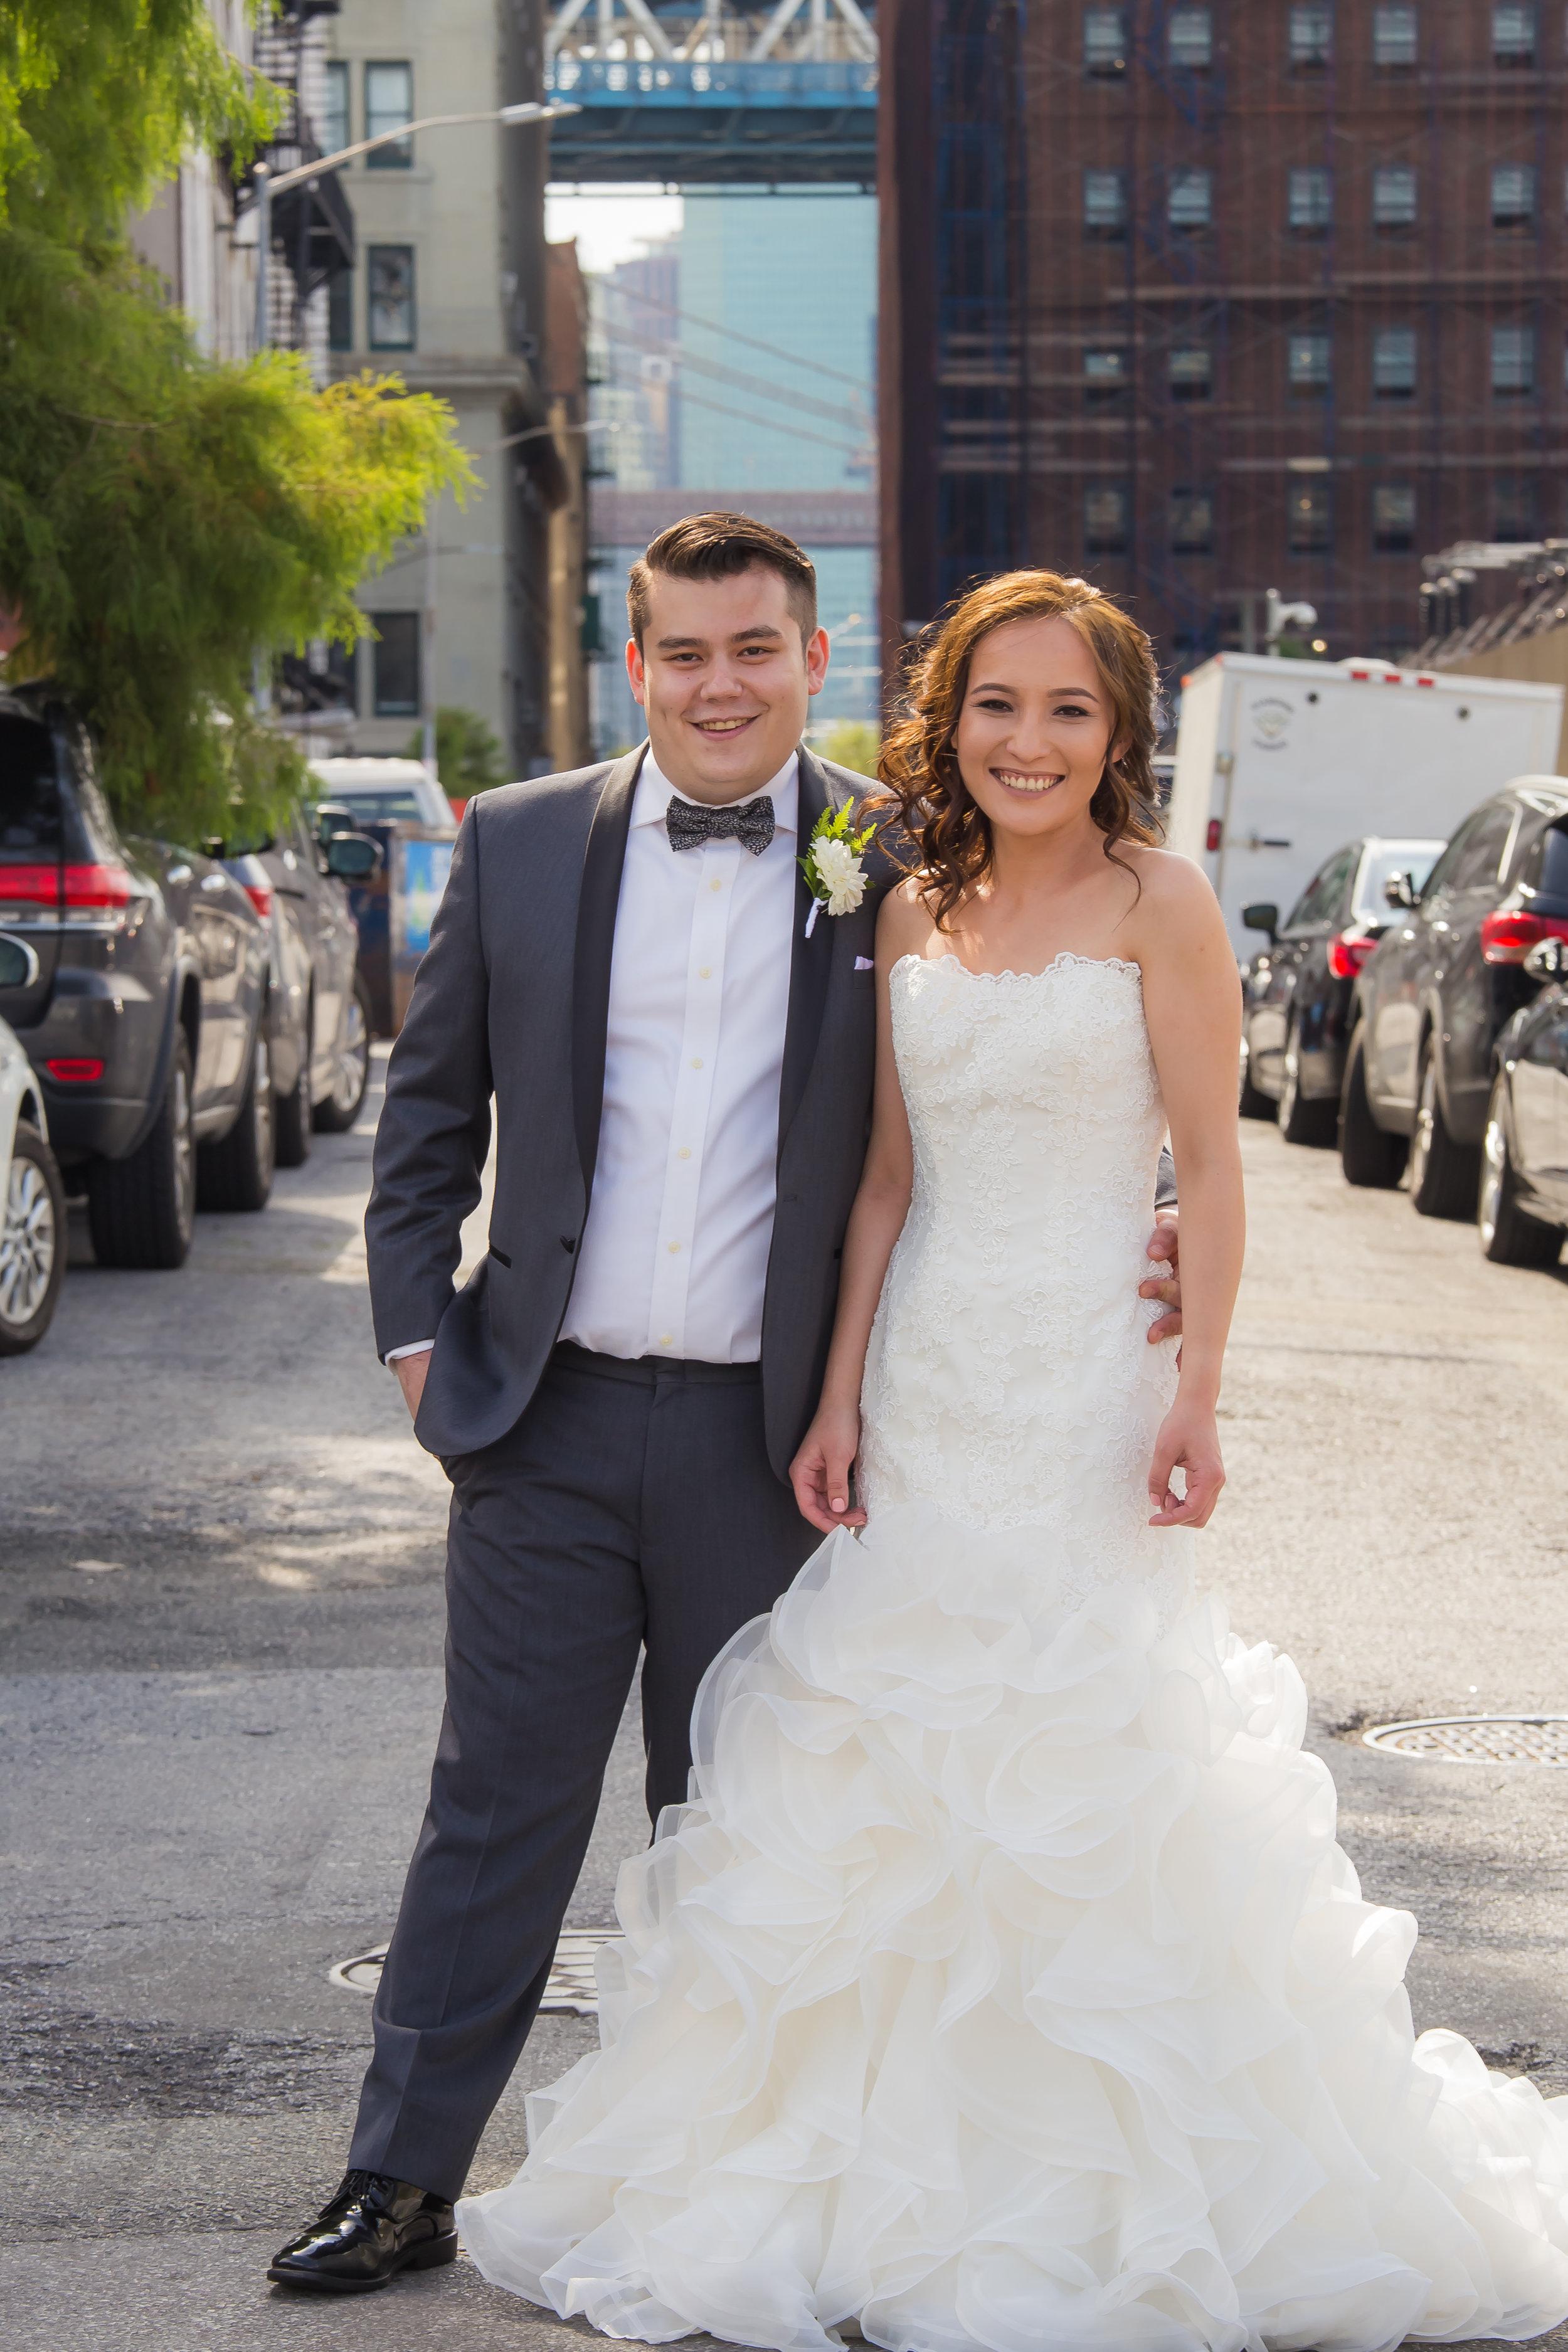 26-bridge-nyc-wedding-photography-0231.jpg